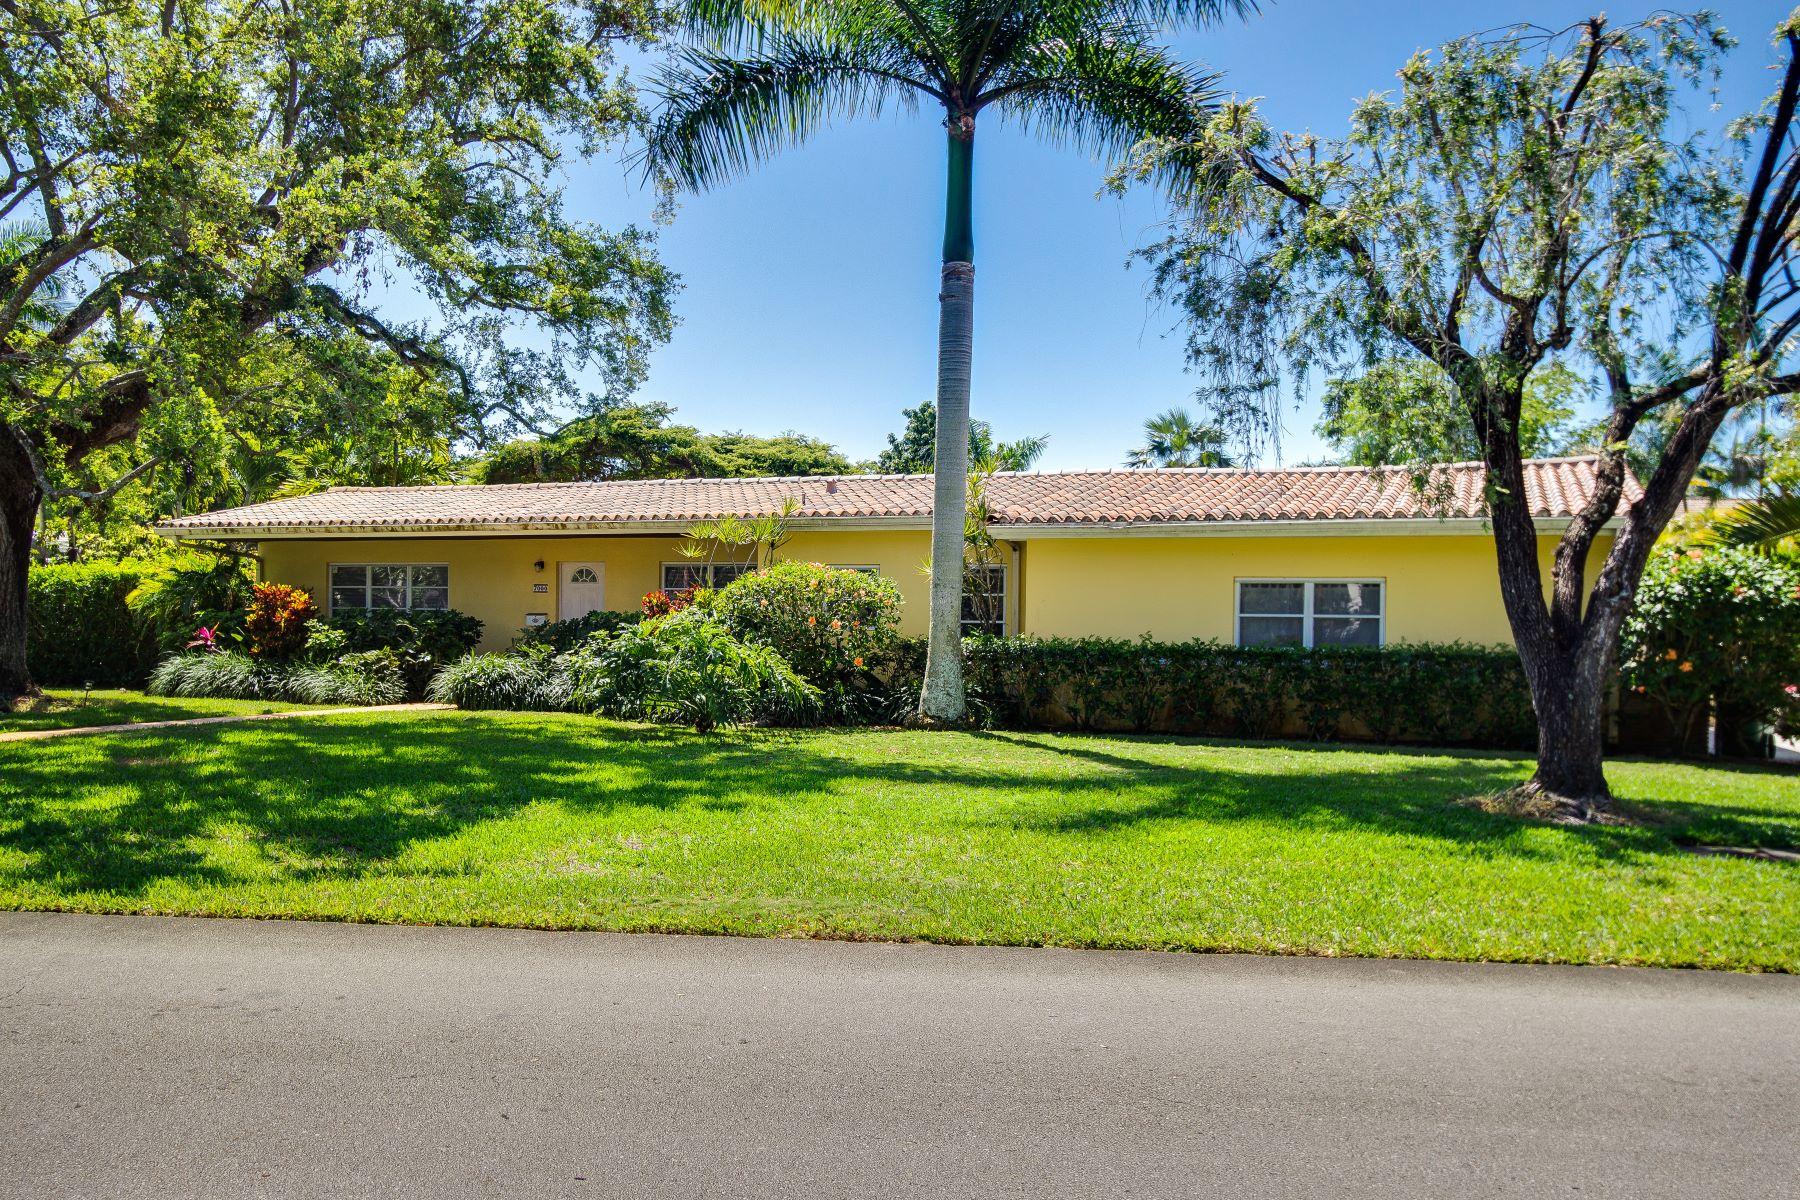 Casa Unifamiliar por un Venta en 7000 Sw 94th St Pinecrest, Florida, 33156 Estados Unidos